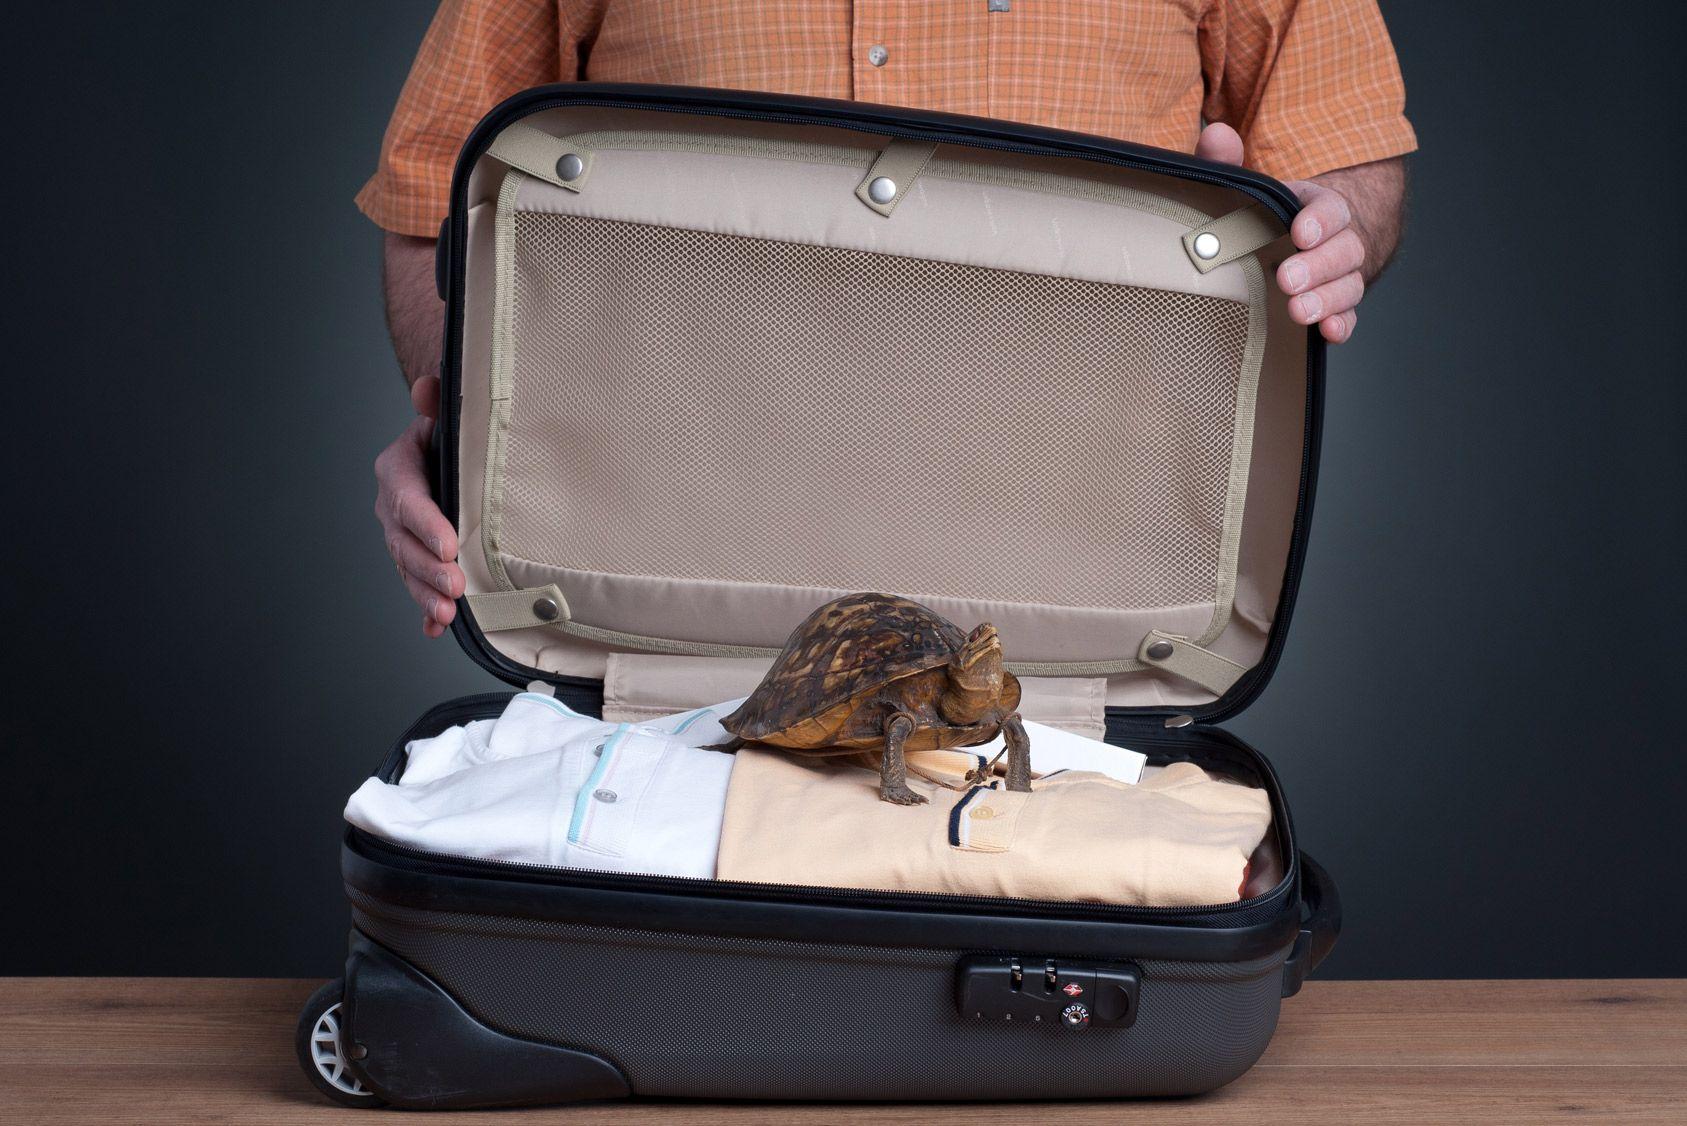 Vos souvenirs de vacances passeront-ils la douane?